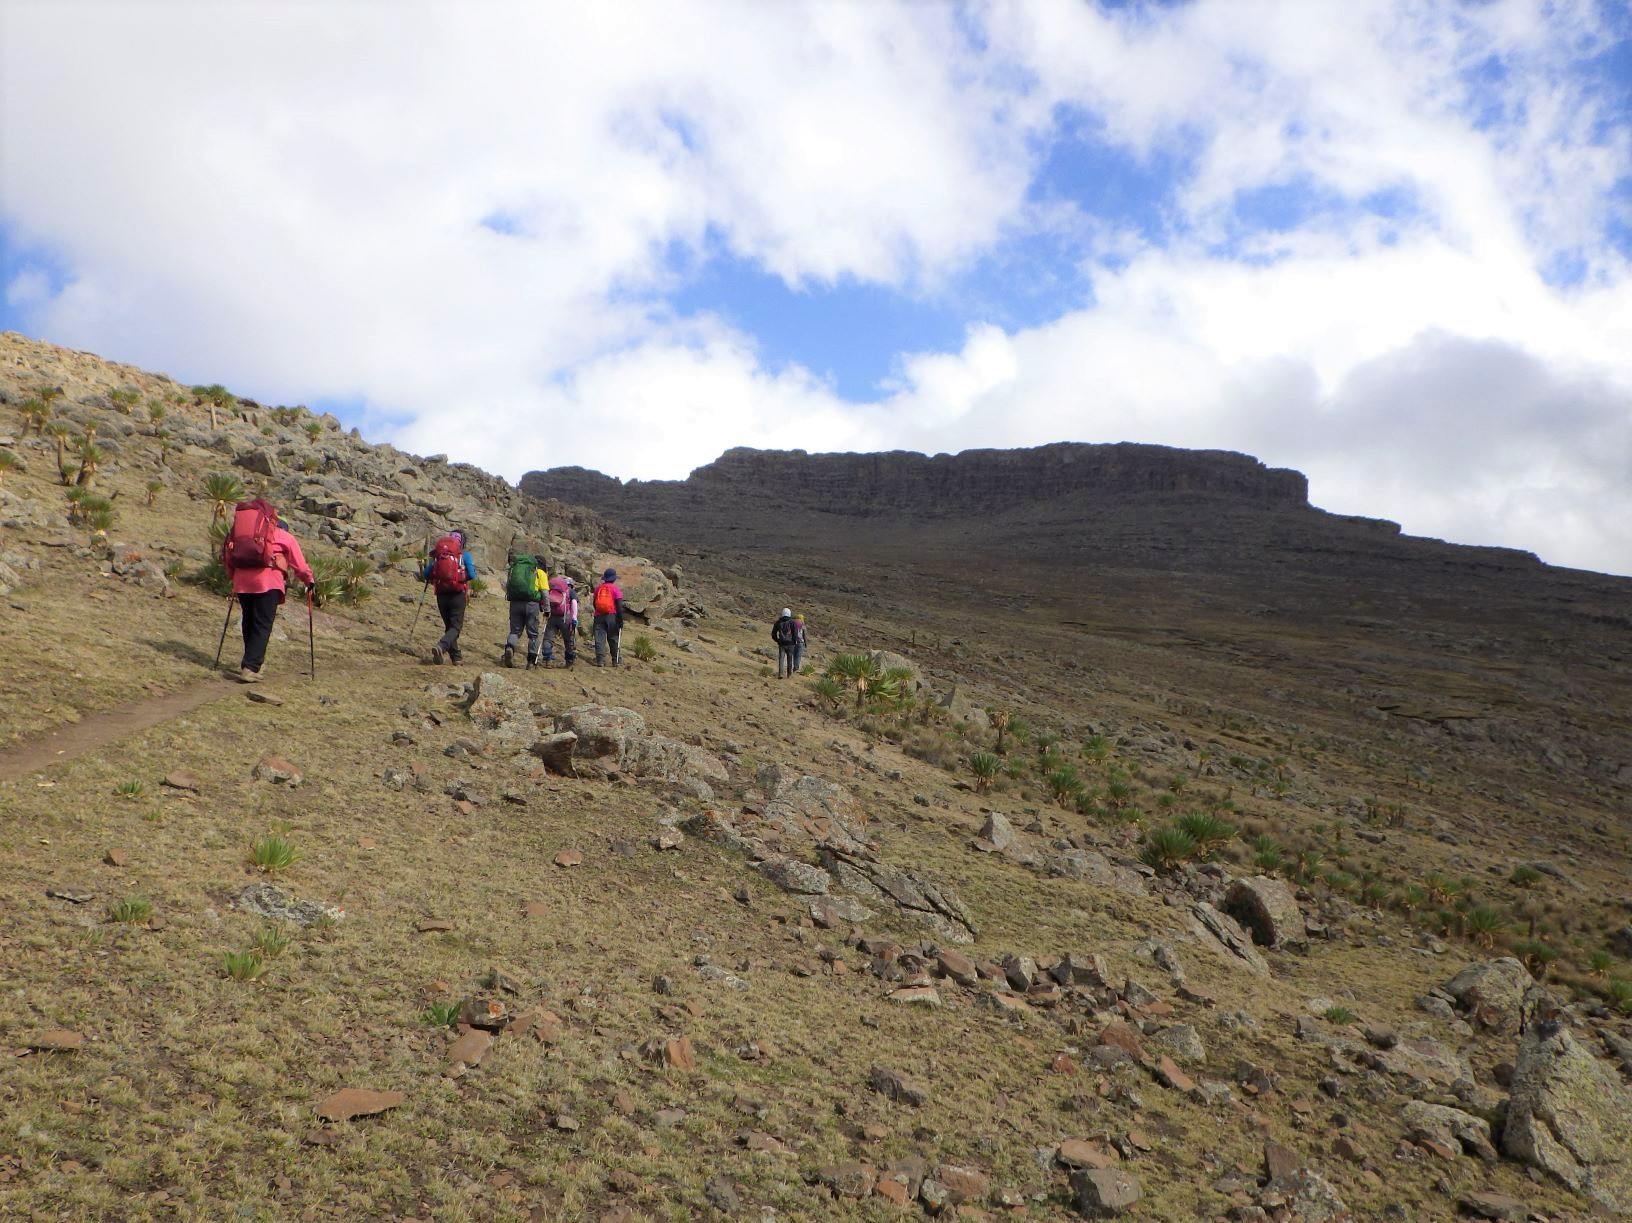 ラスダシャンの岩壁を眺めながら山頂へ